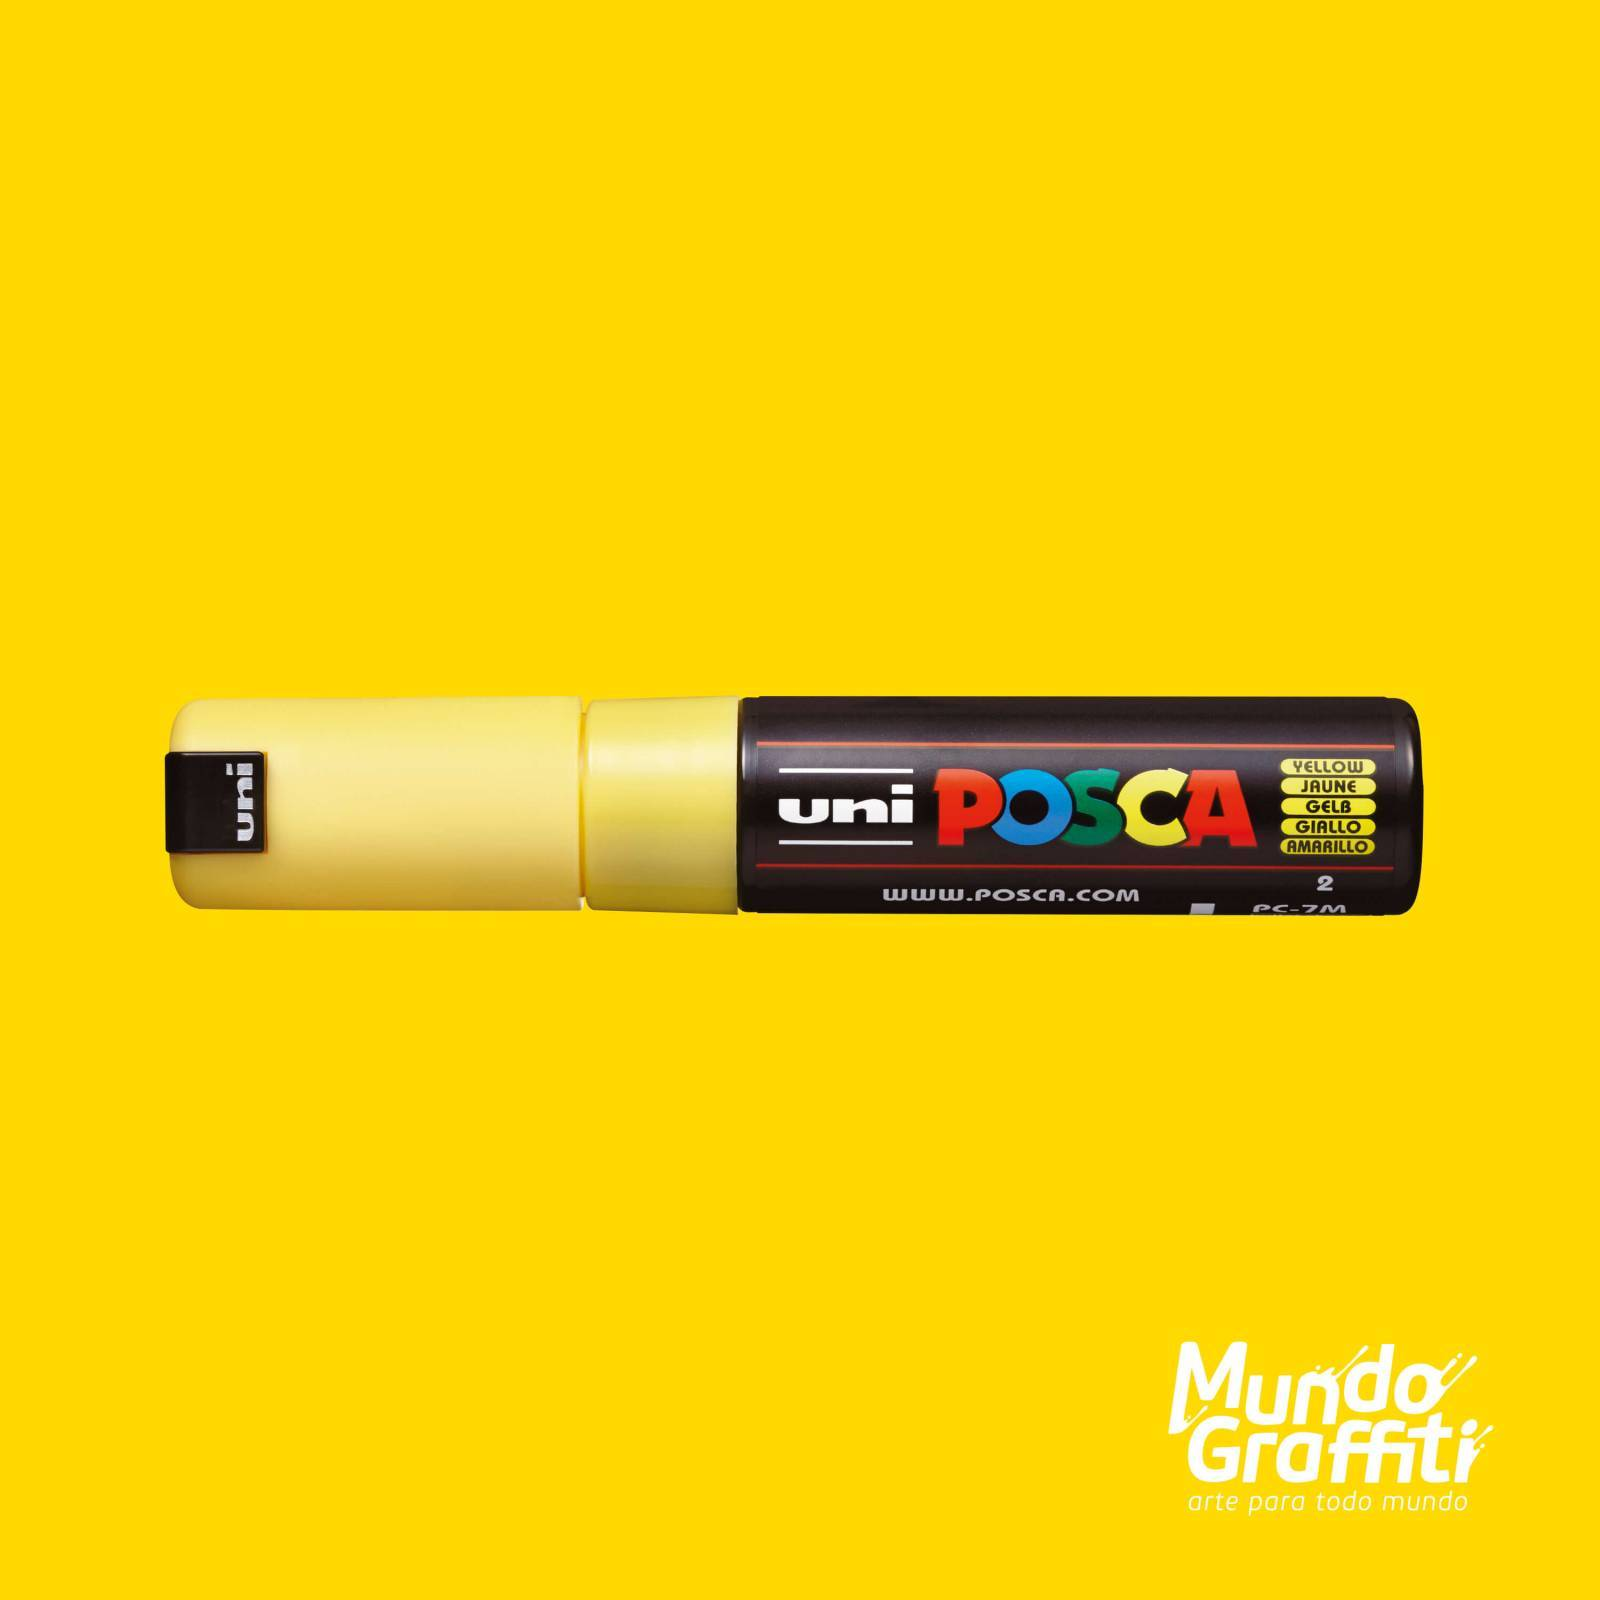 Caneta Posca 7M Amarelo - Mundo Graffiti